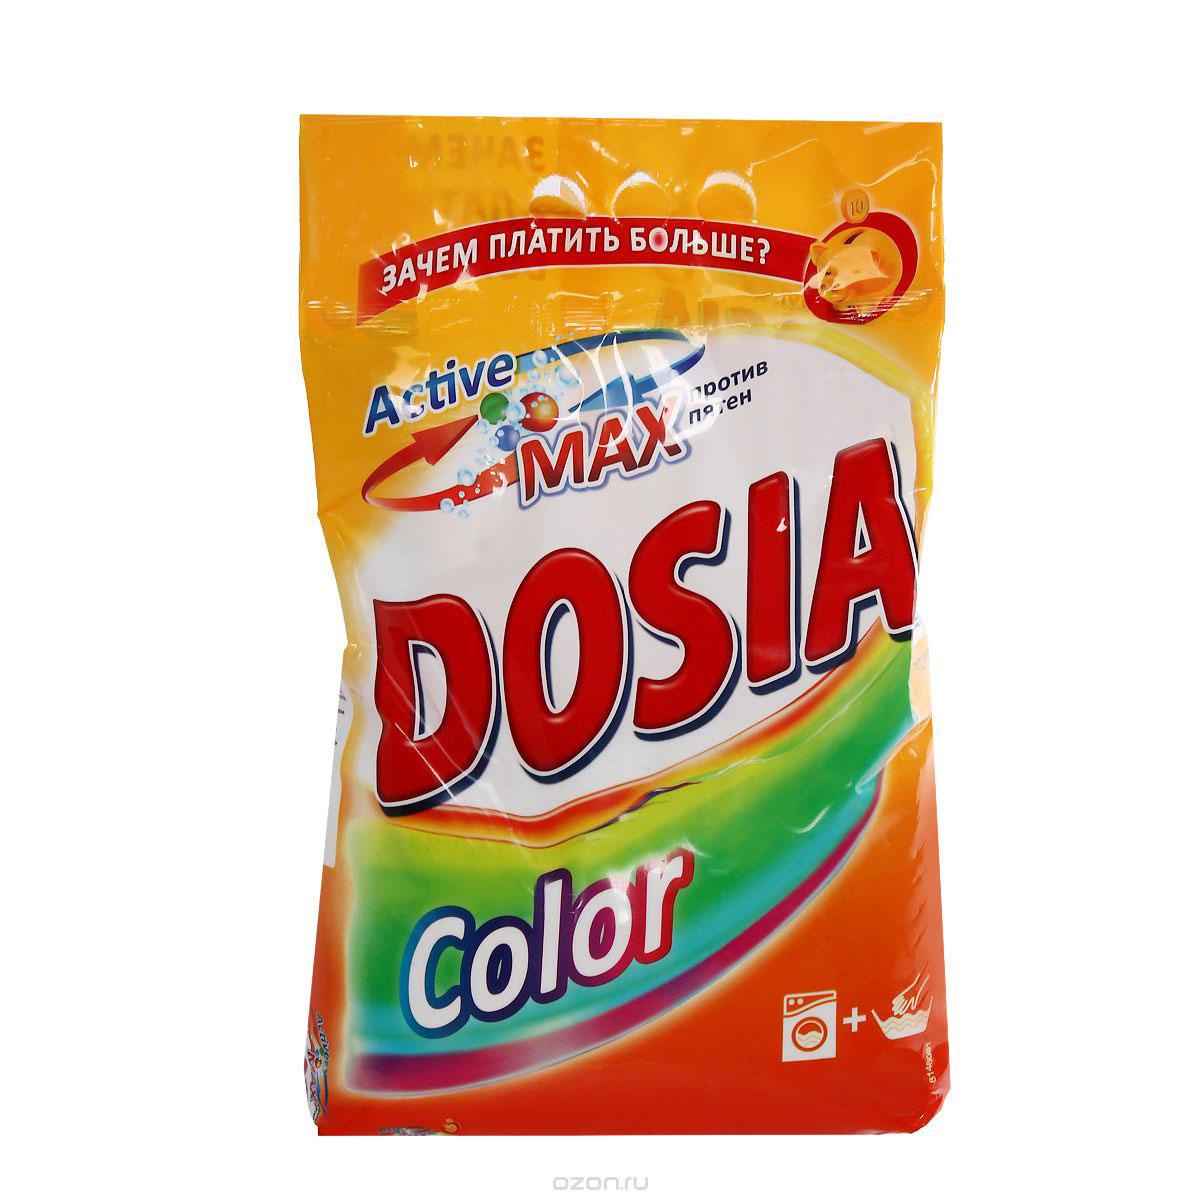 Стиральный порошок Dosia Color. Active Max, против пятен, 1,8 кг7504111